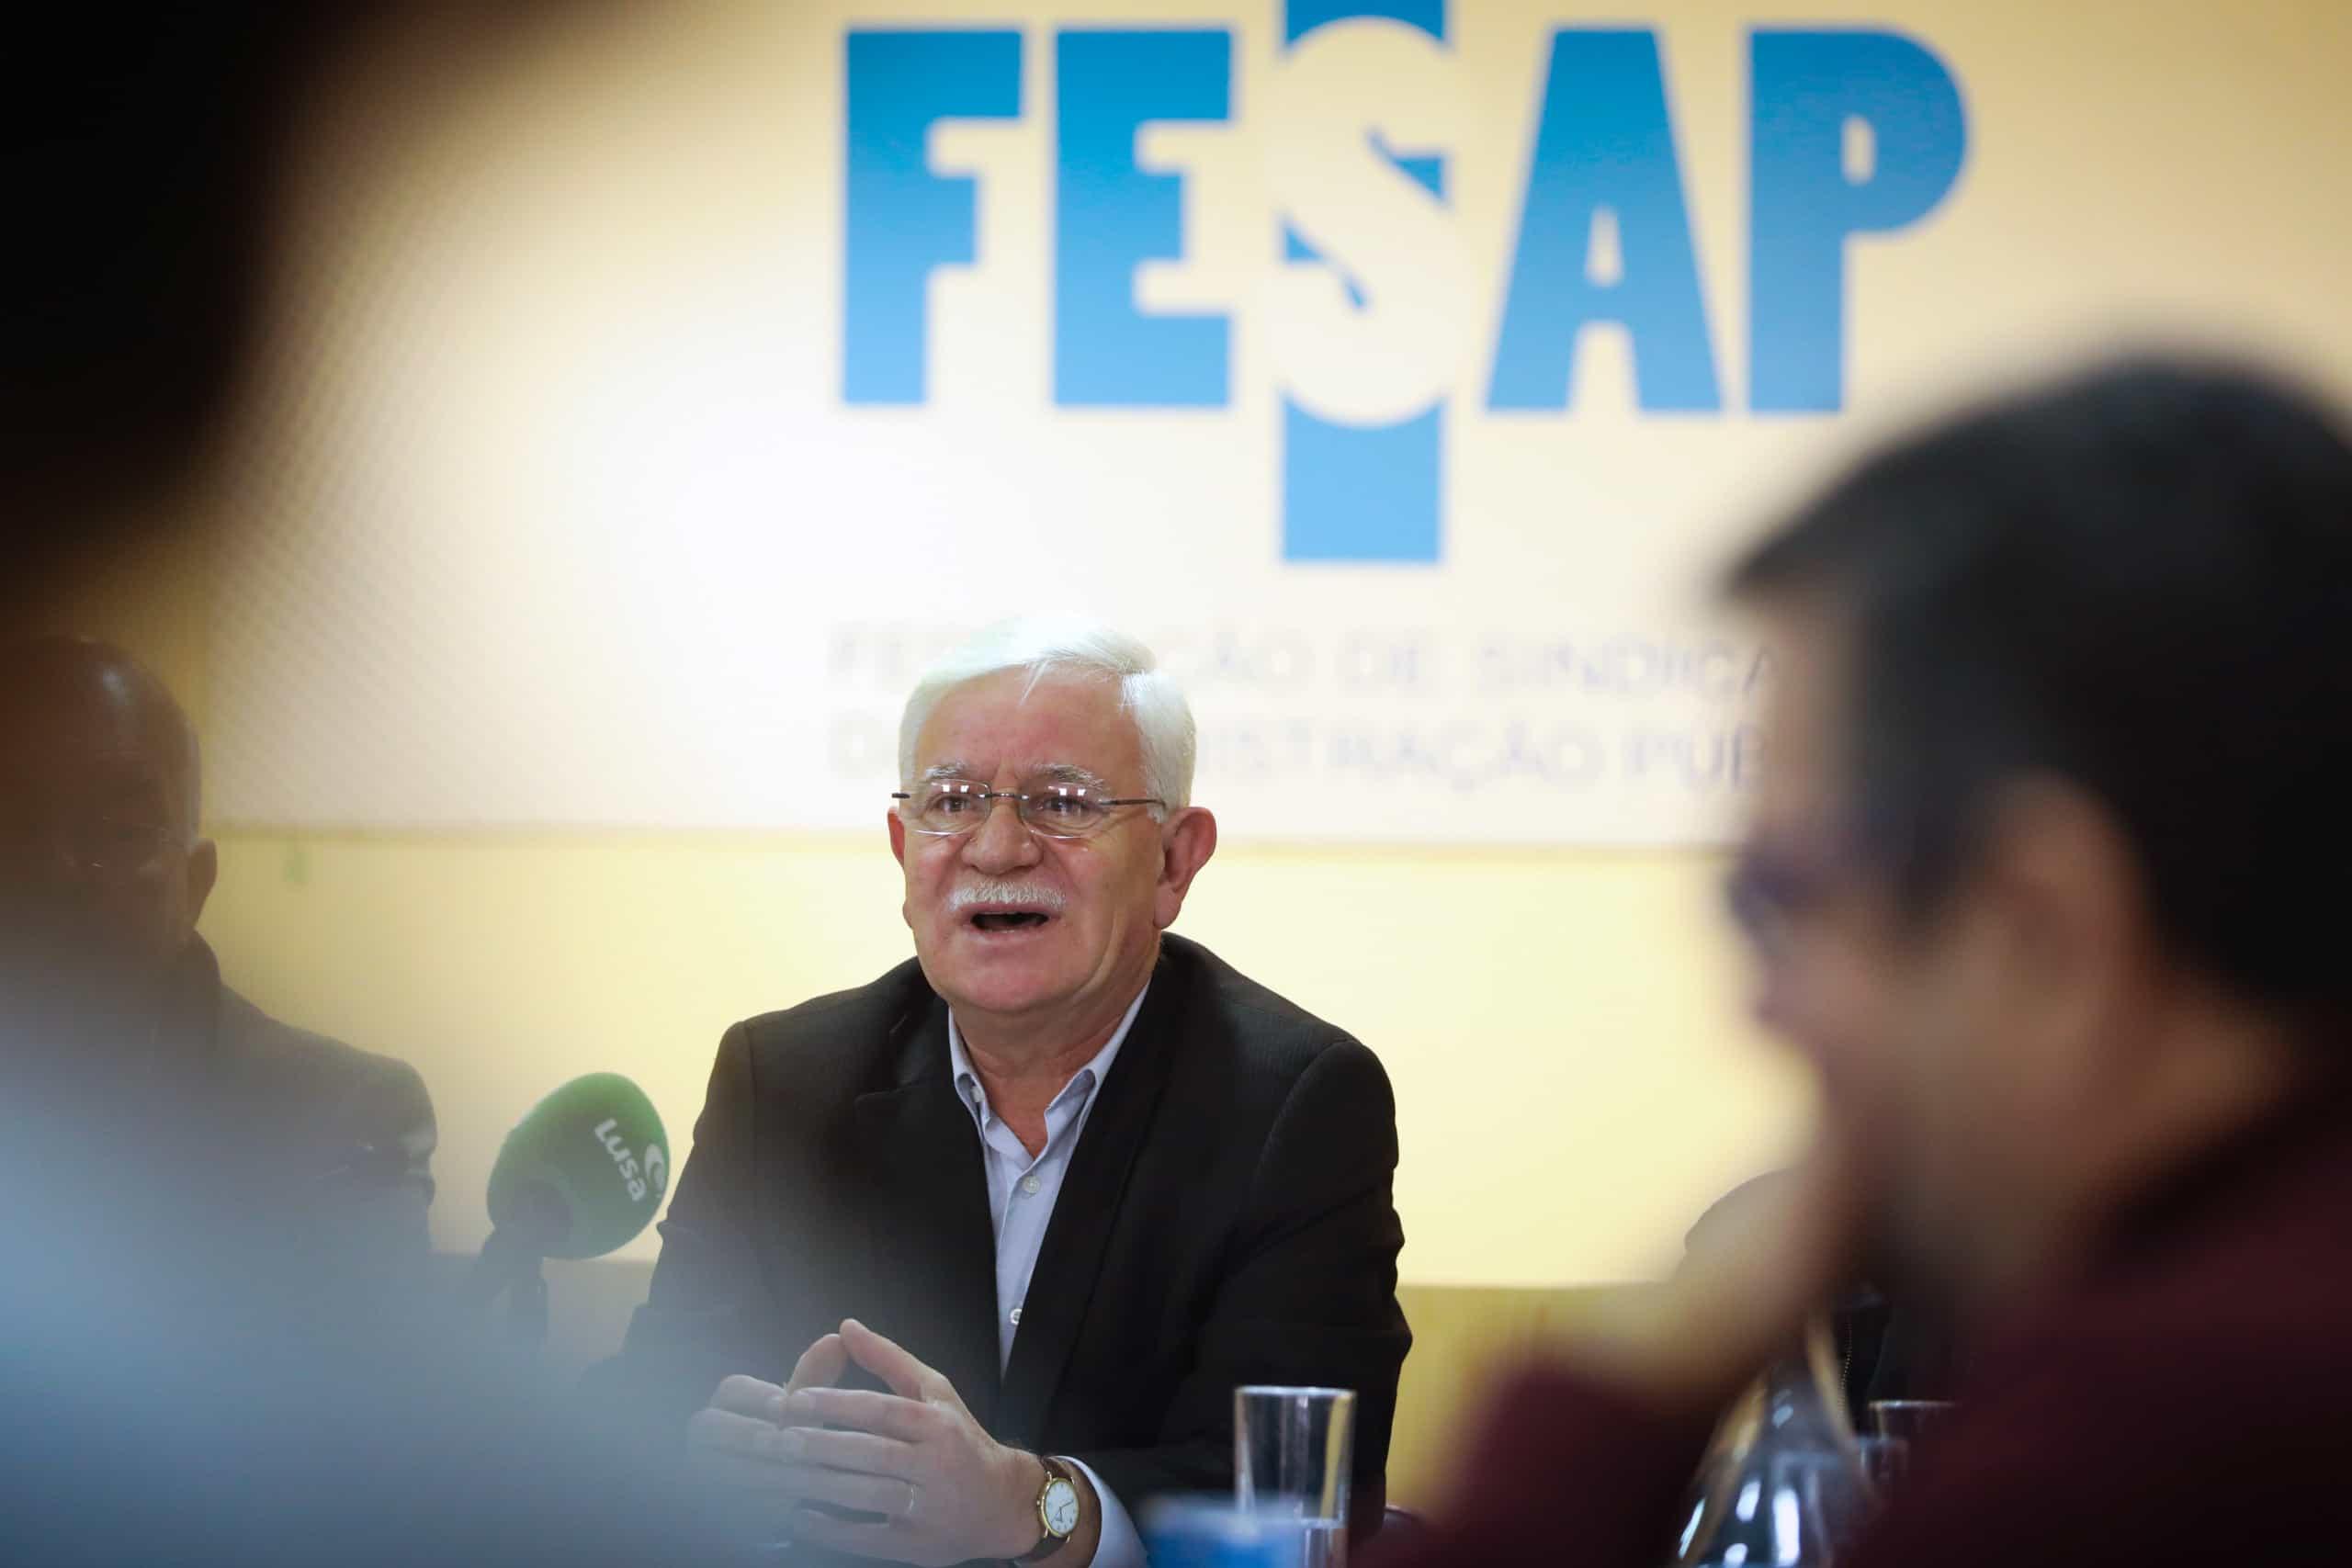 FESAP lamenta falta de negociação antes de votação final do OE